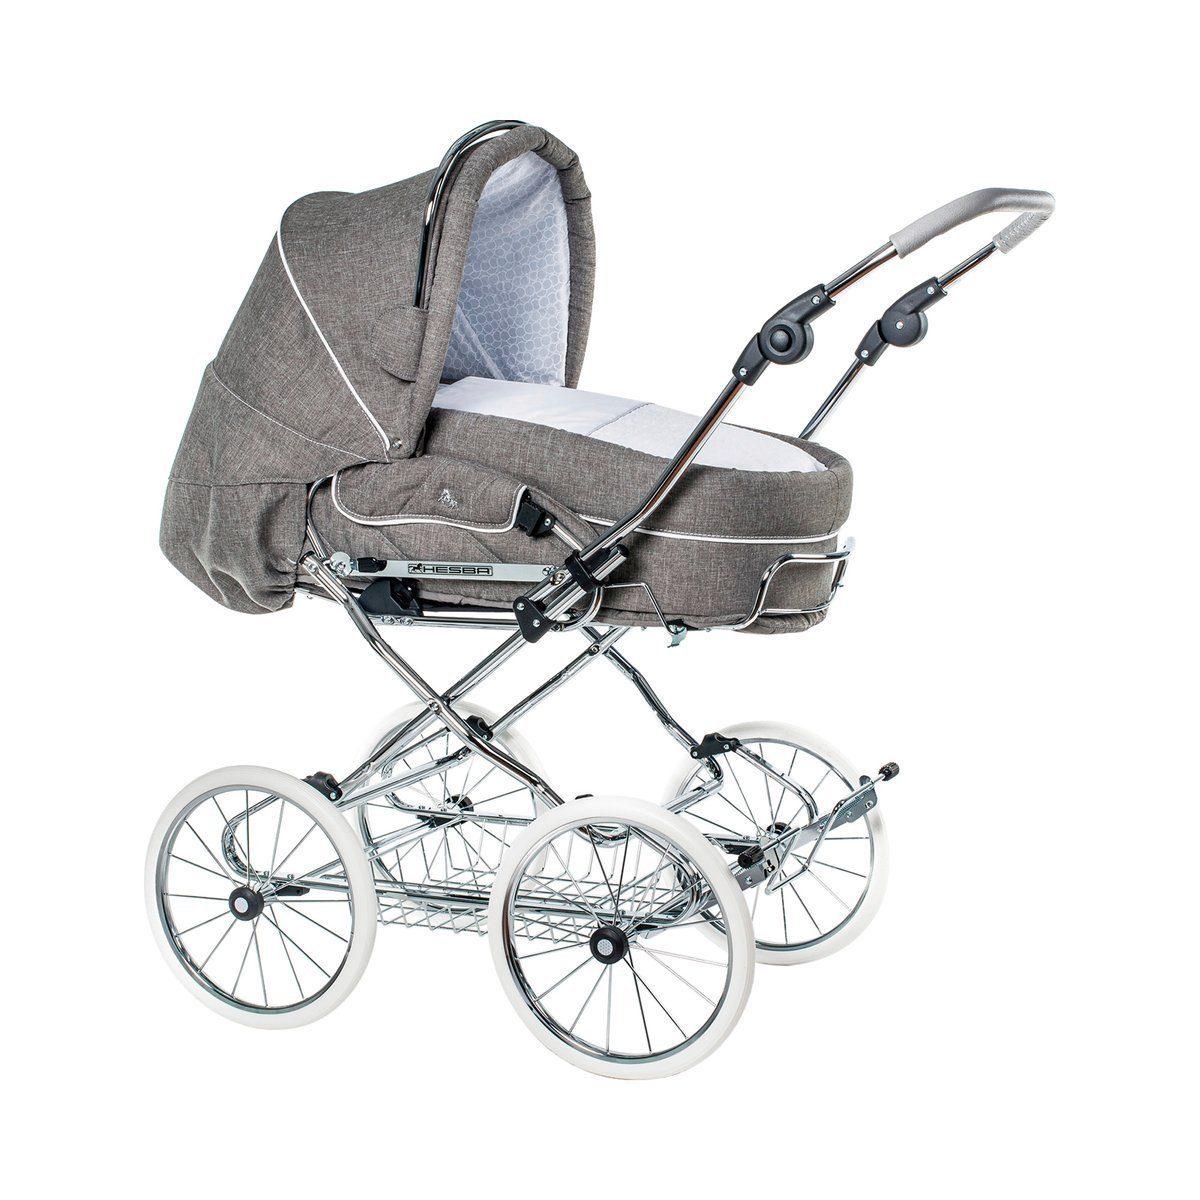 Hesba Kinderwagen - ExpertenTesten